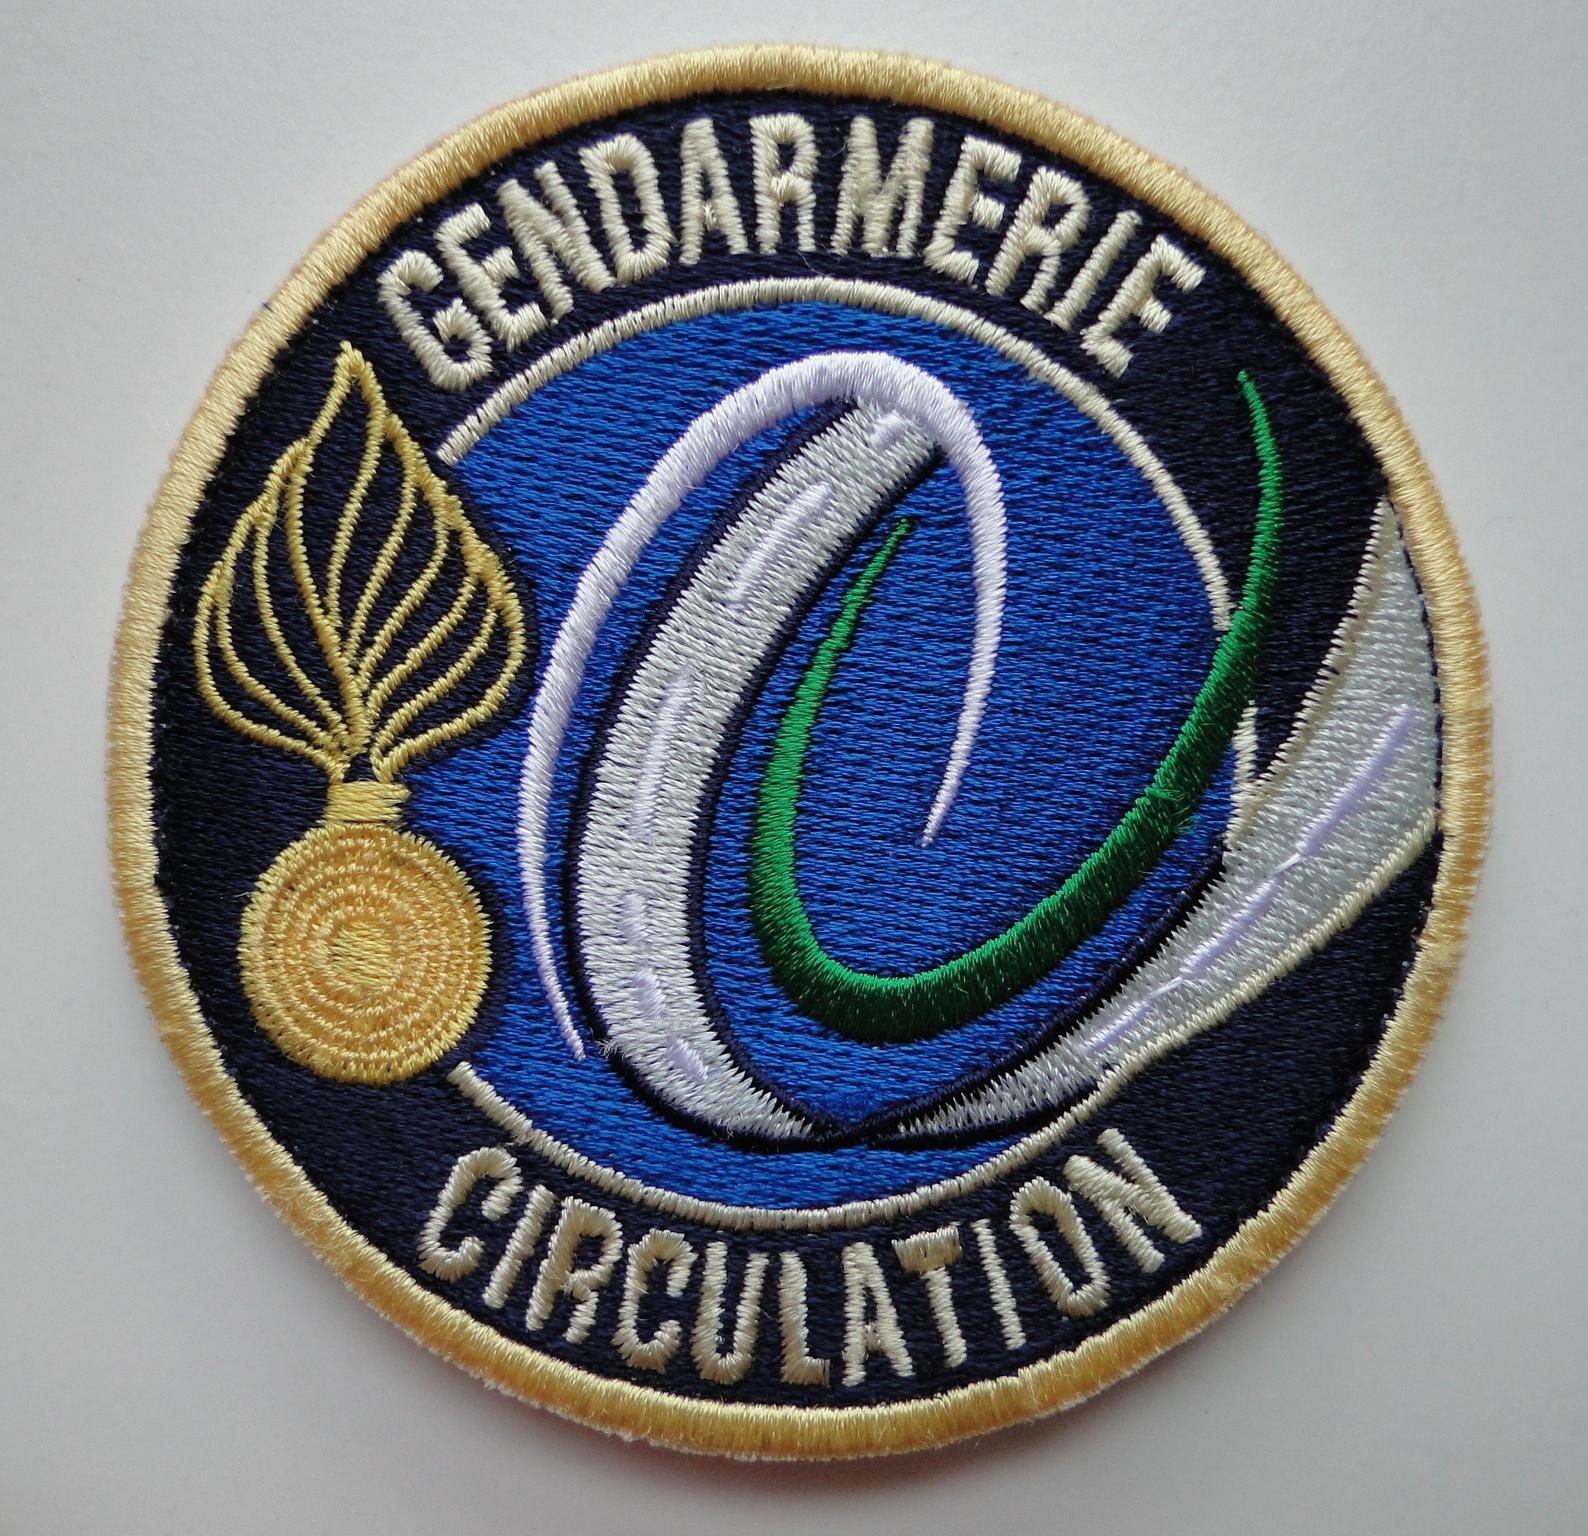 Brigade circulation